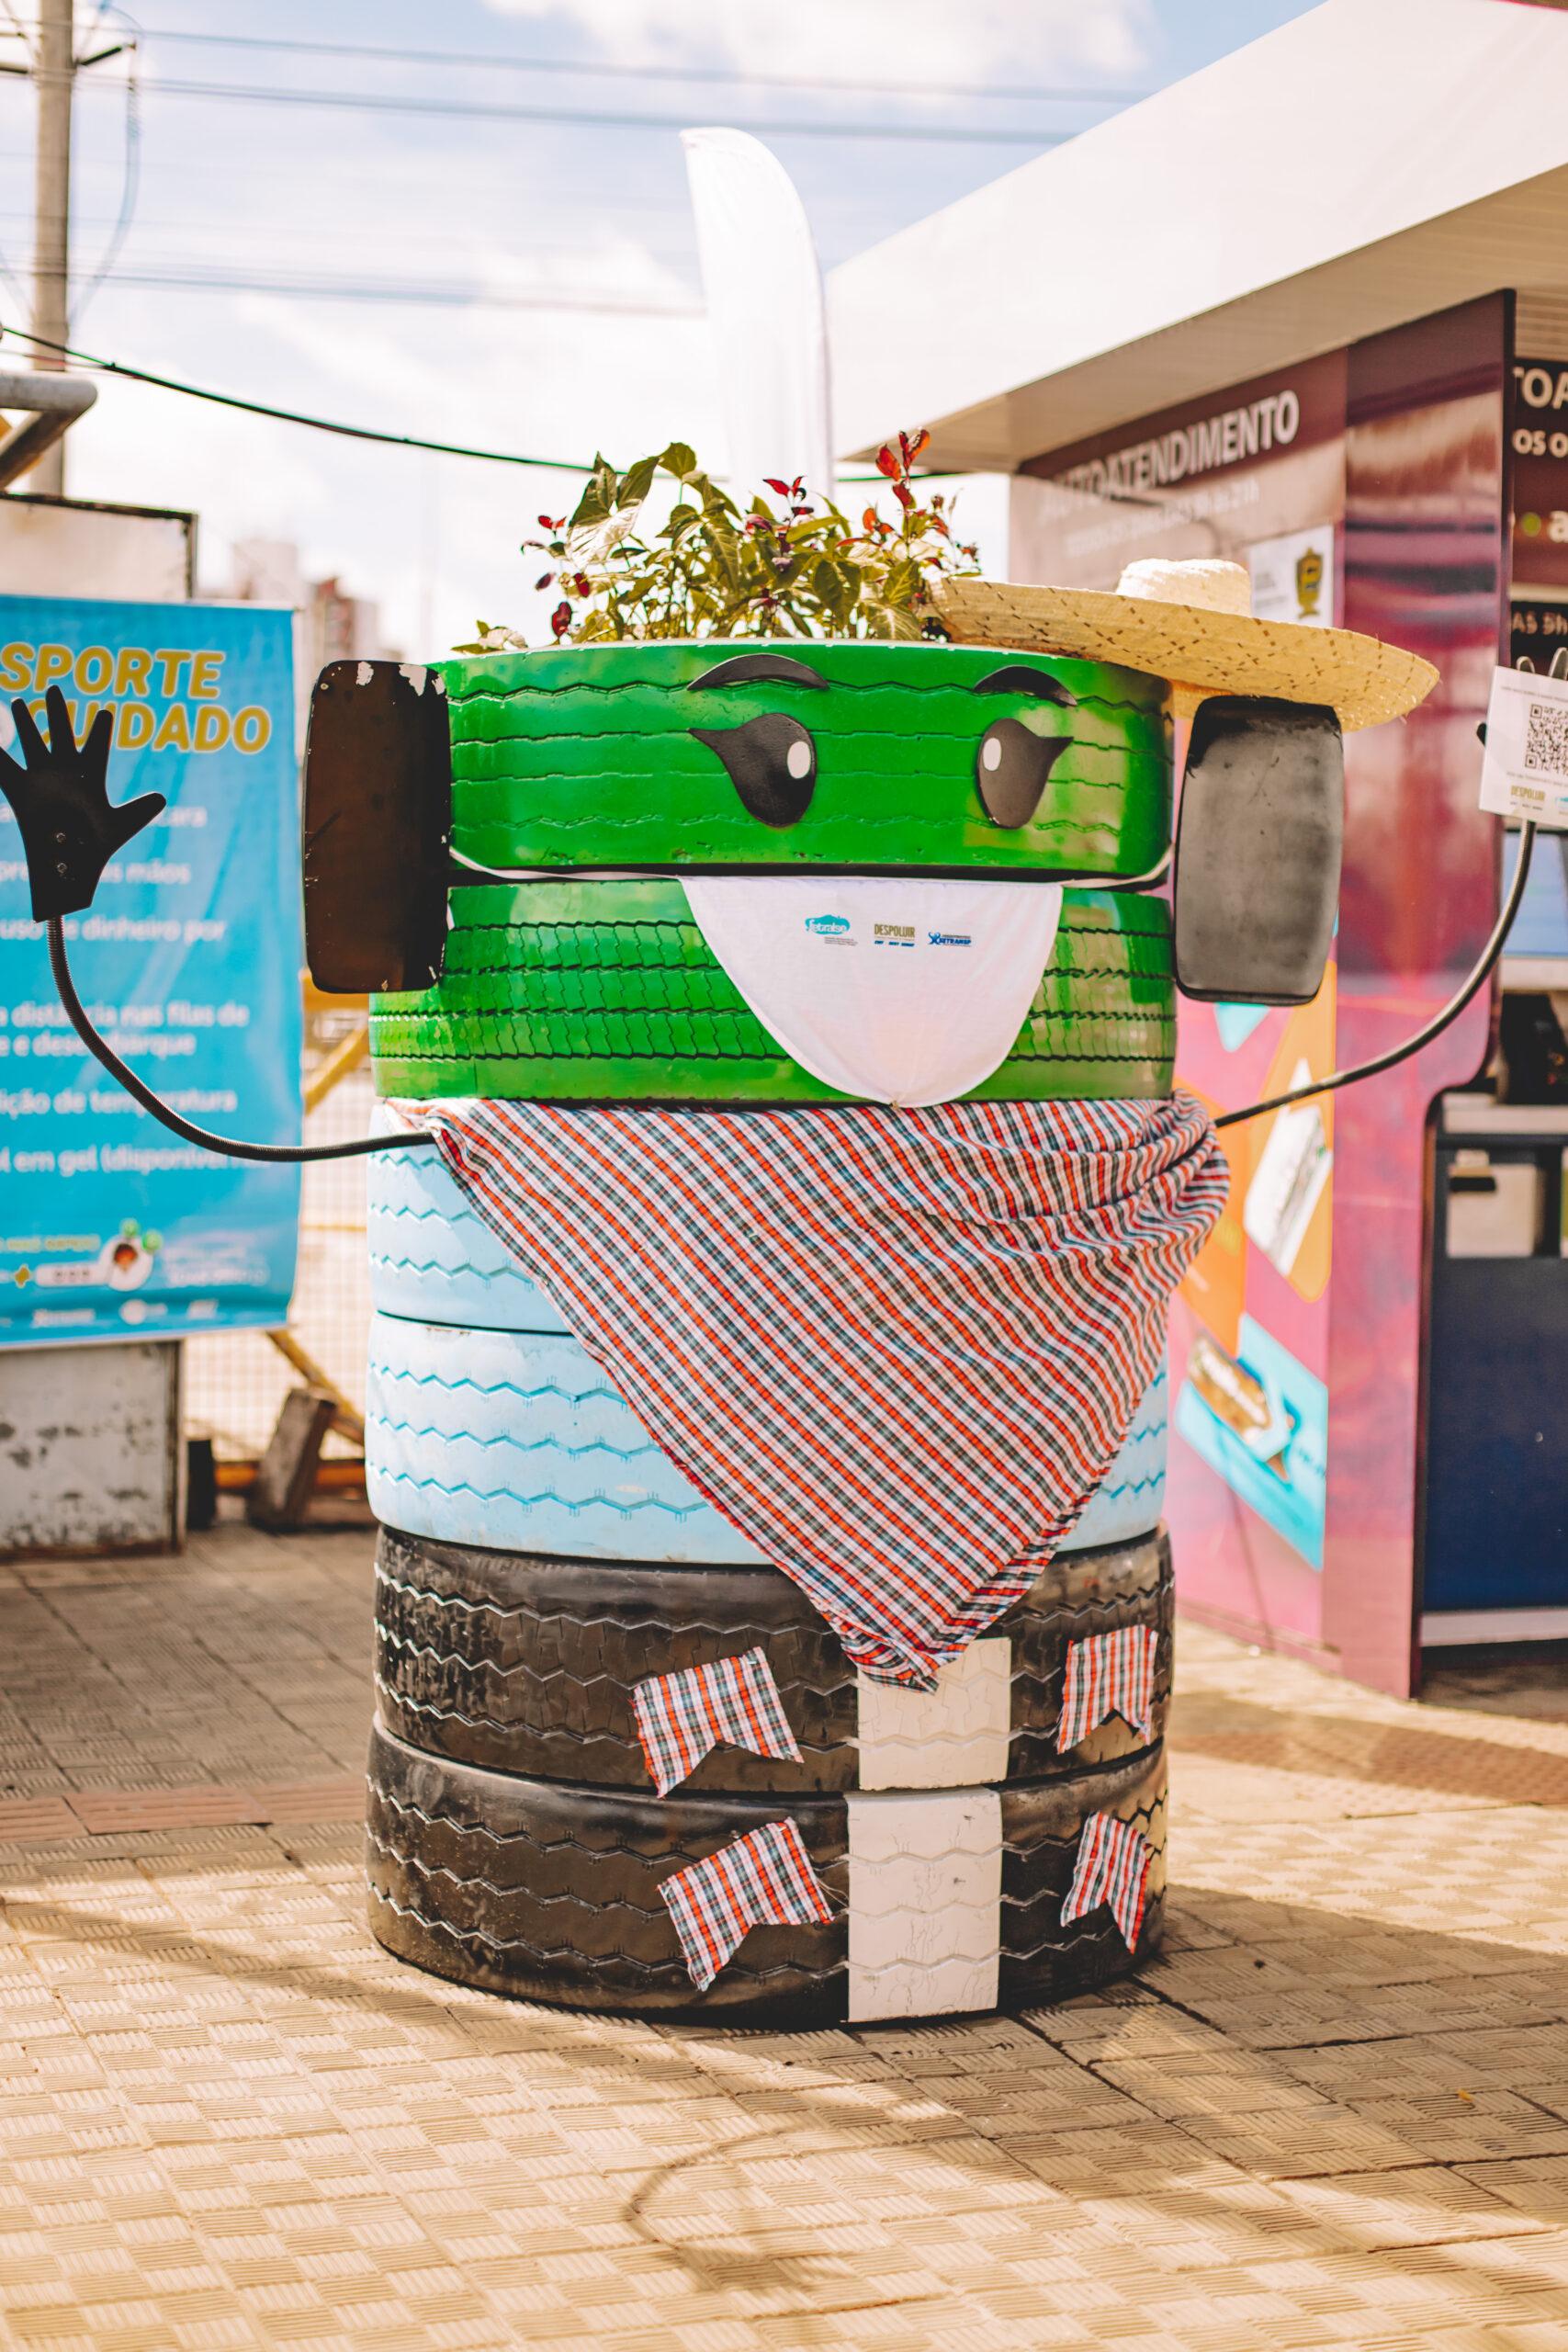 Programa Ambiental Despoluir segue reforçando os cuidados por um transporte sustentável